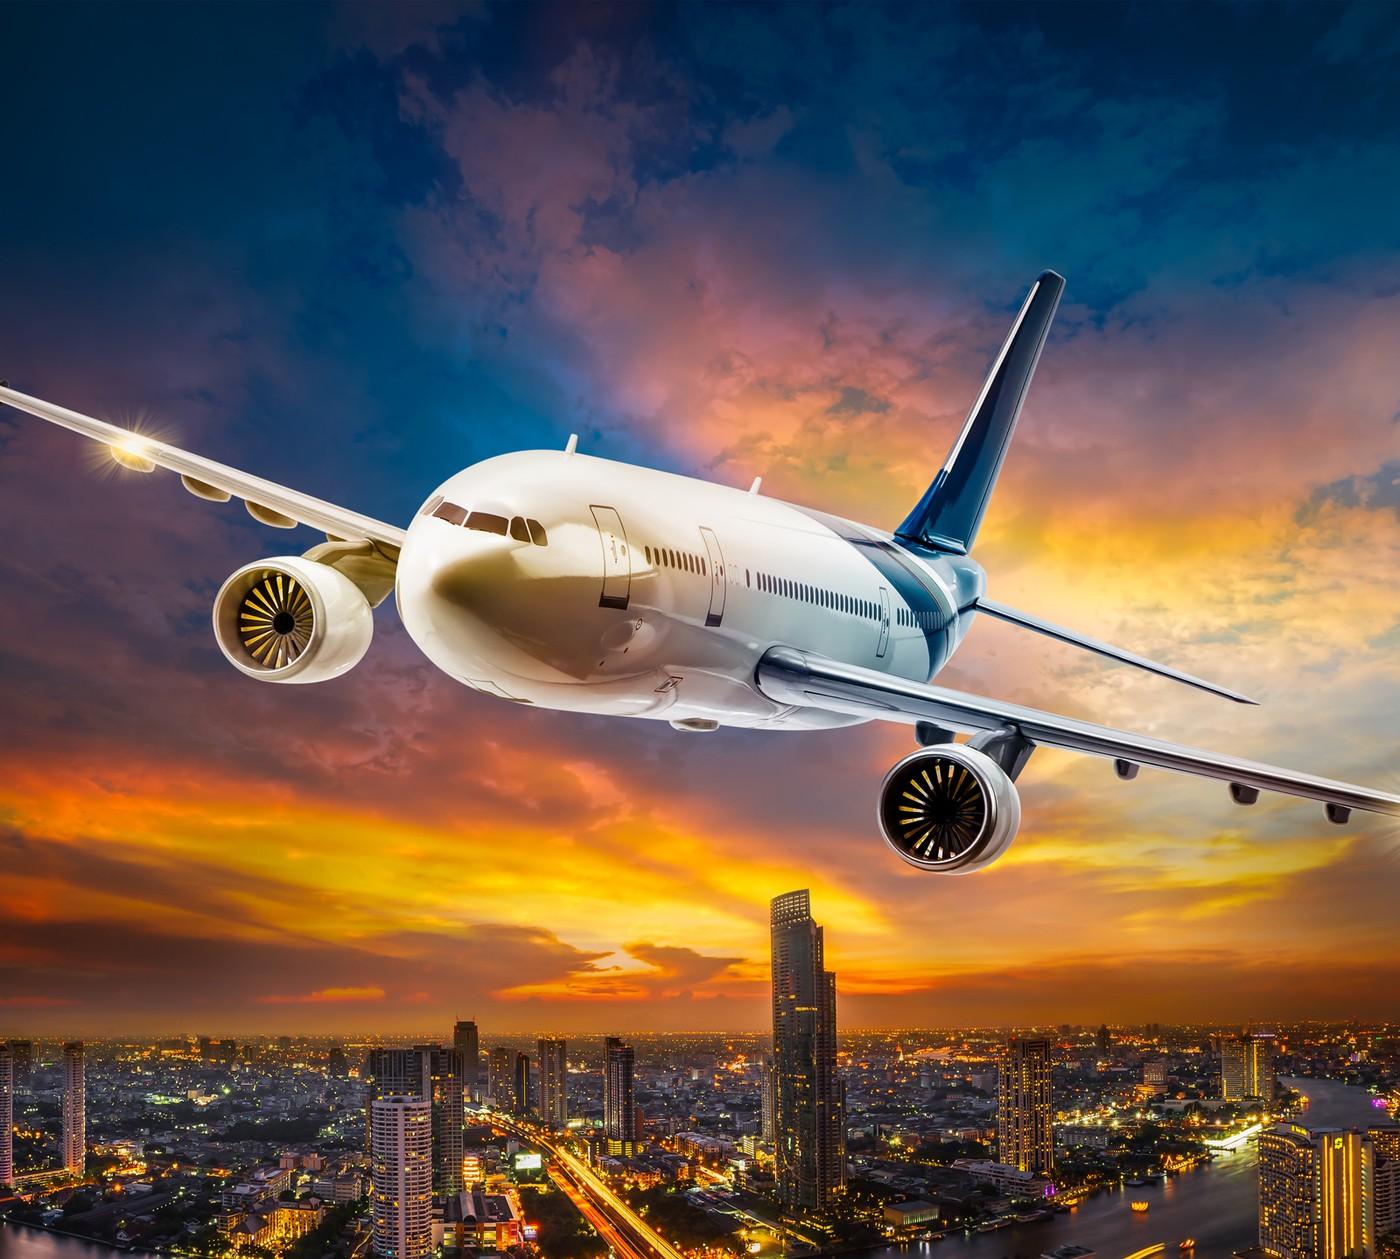 6000182211 - Как побороть страх перед полетом